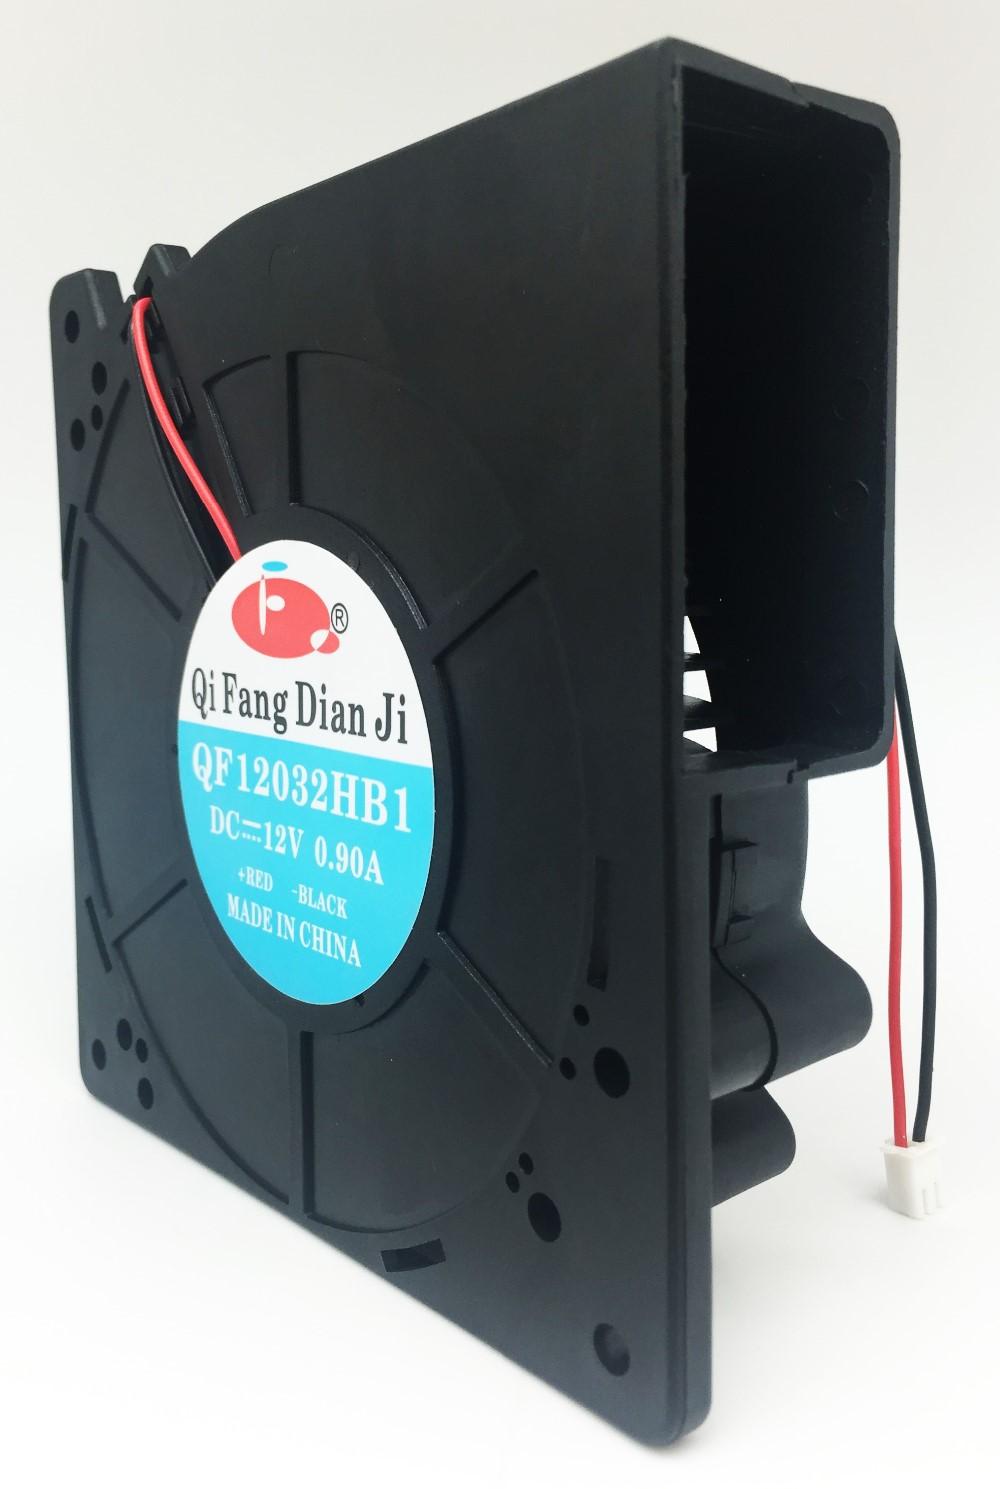 Grainger High Pressure Small Blowers : China small centrifugal blower fan high pressure